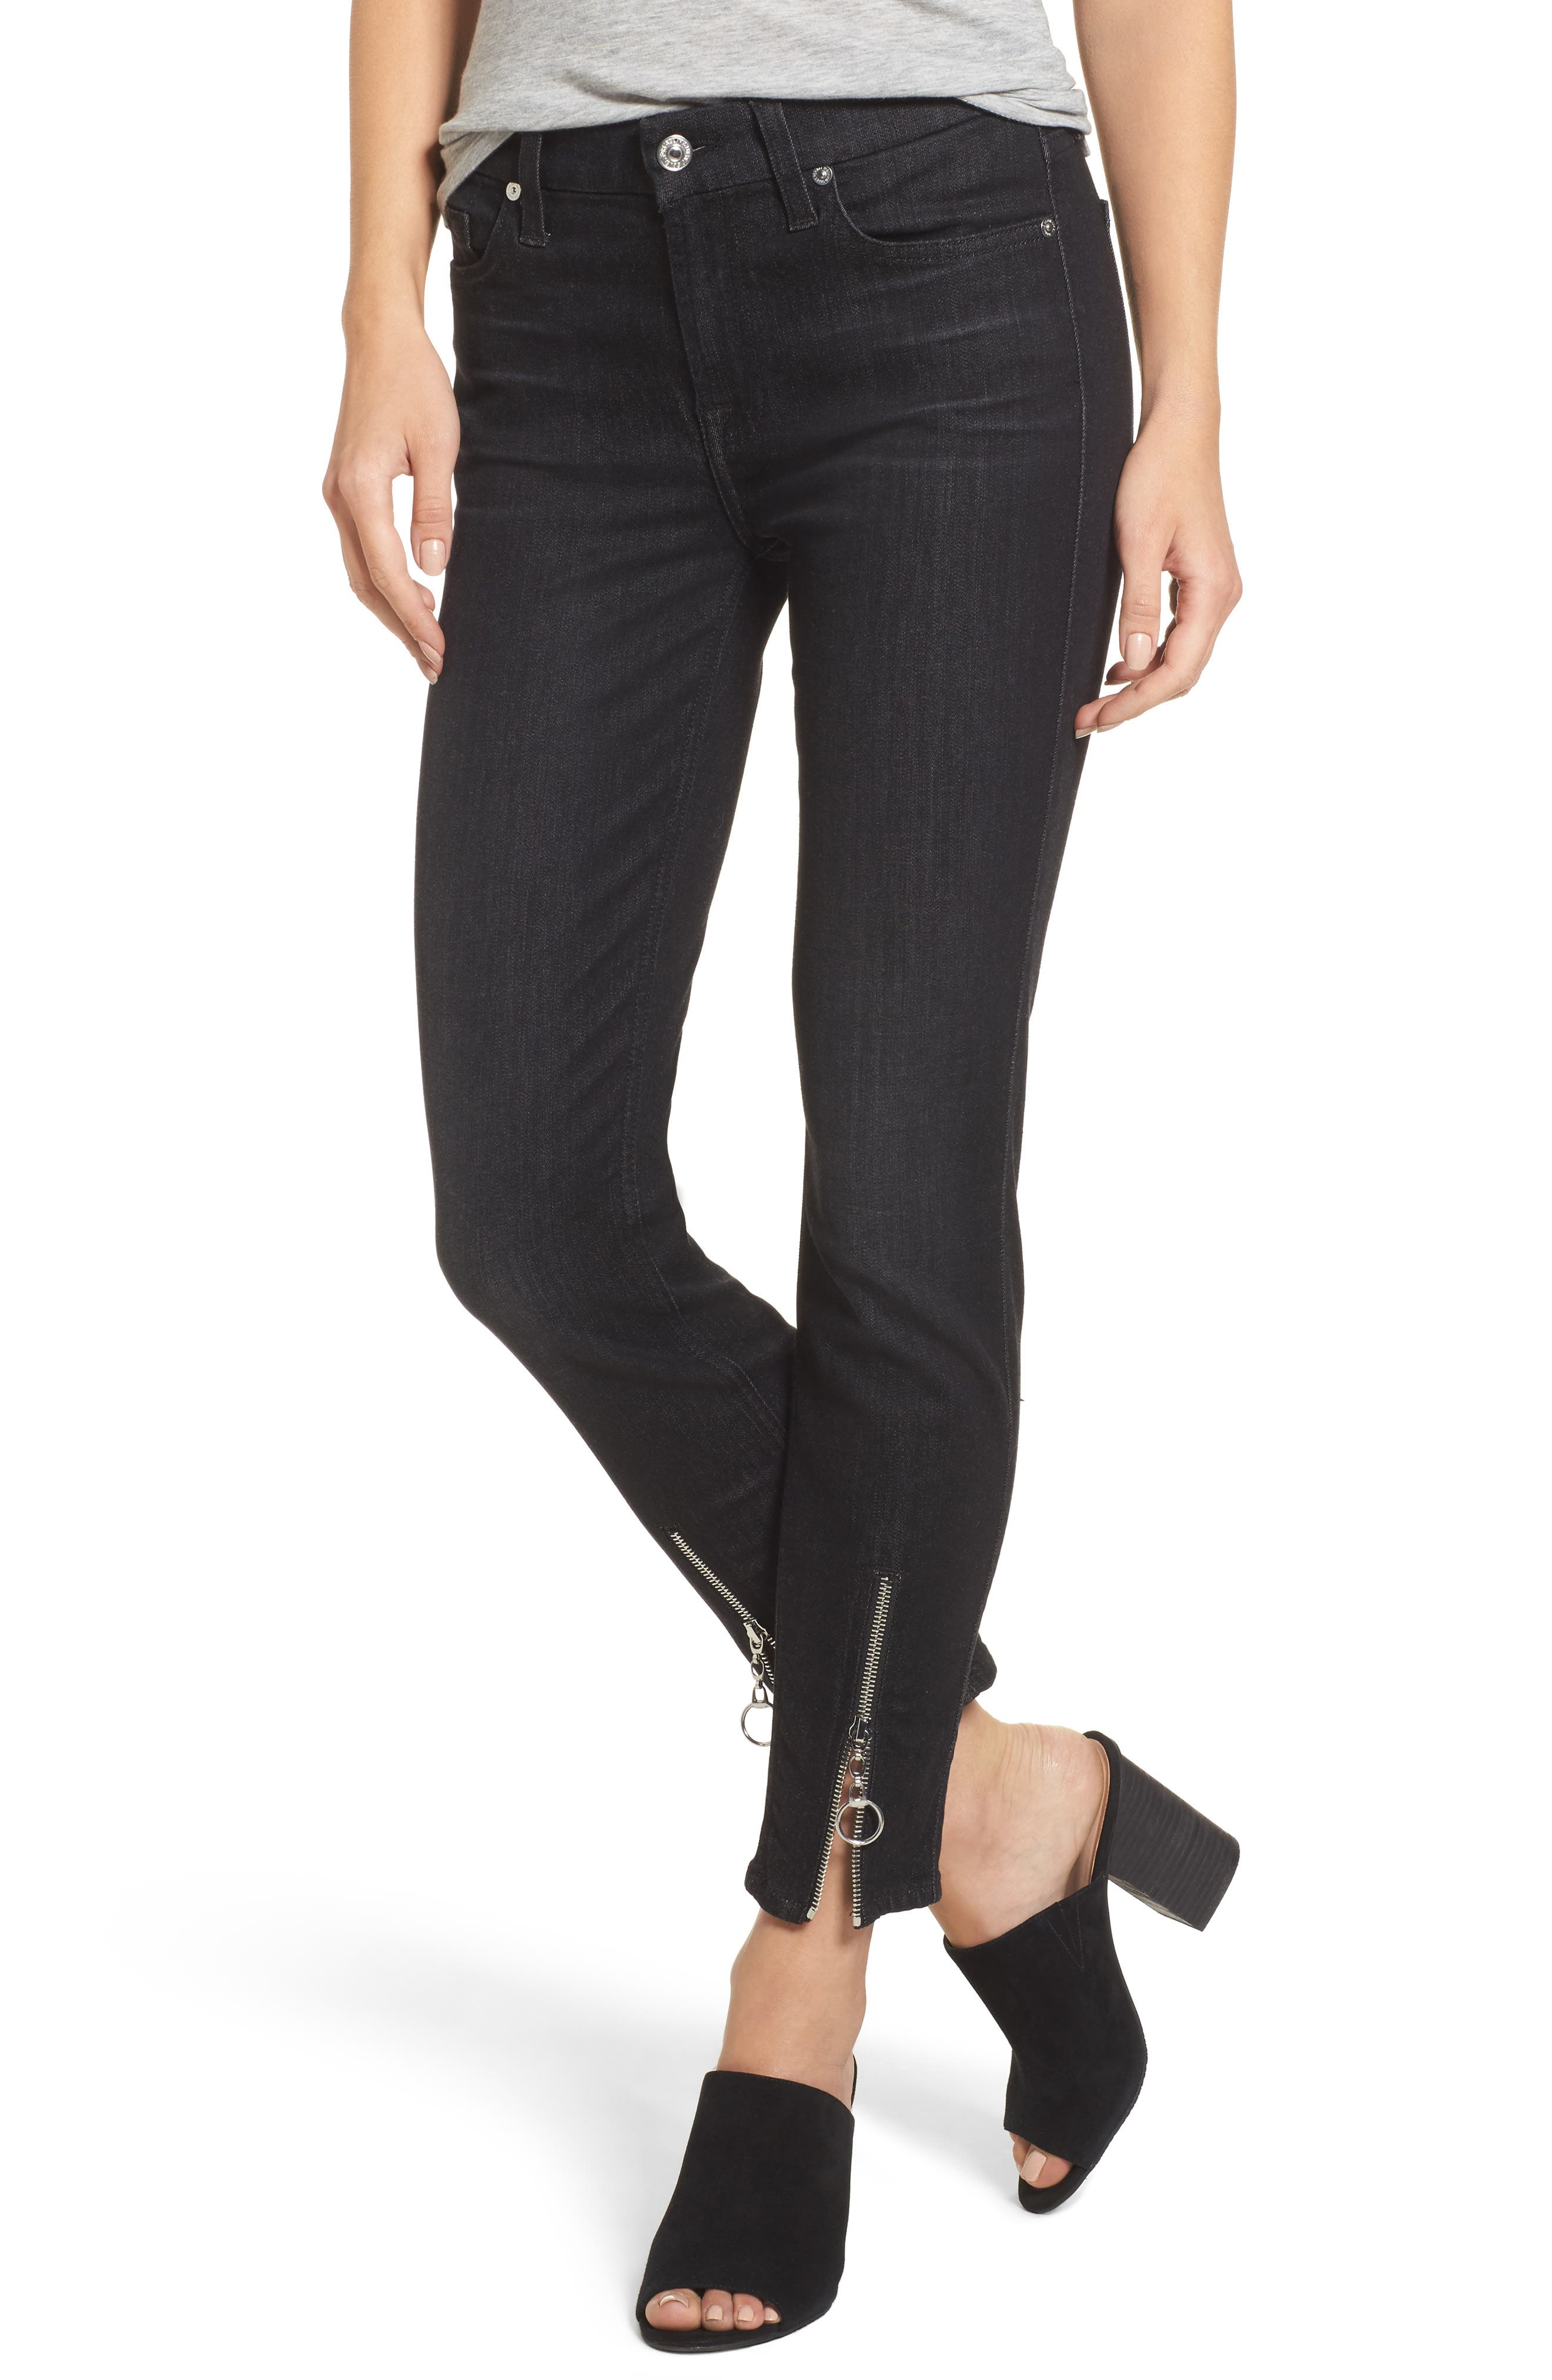 7 For All Mankind® b(air) - Roxanne Ankle Zip Jeans (Bair Noir)